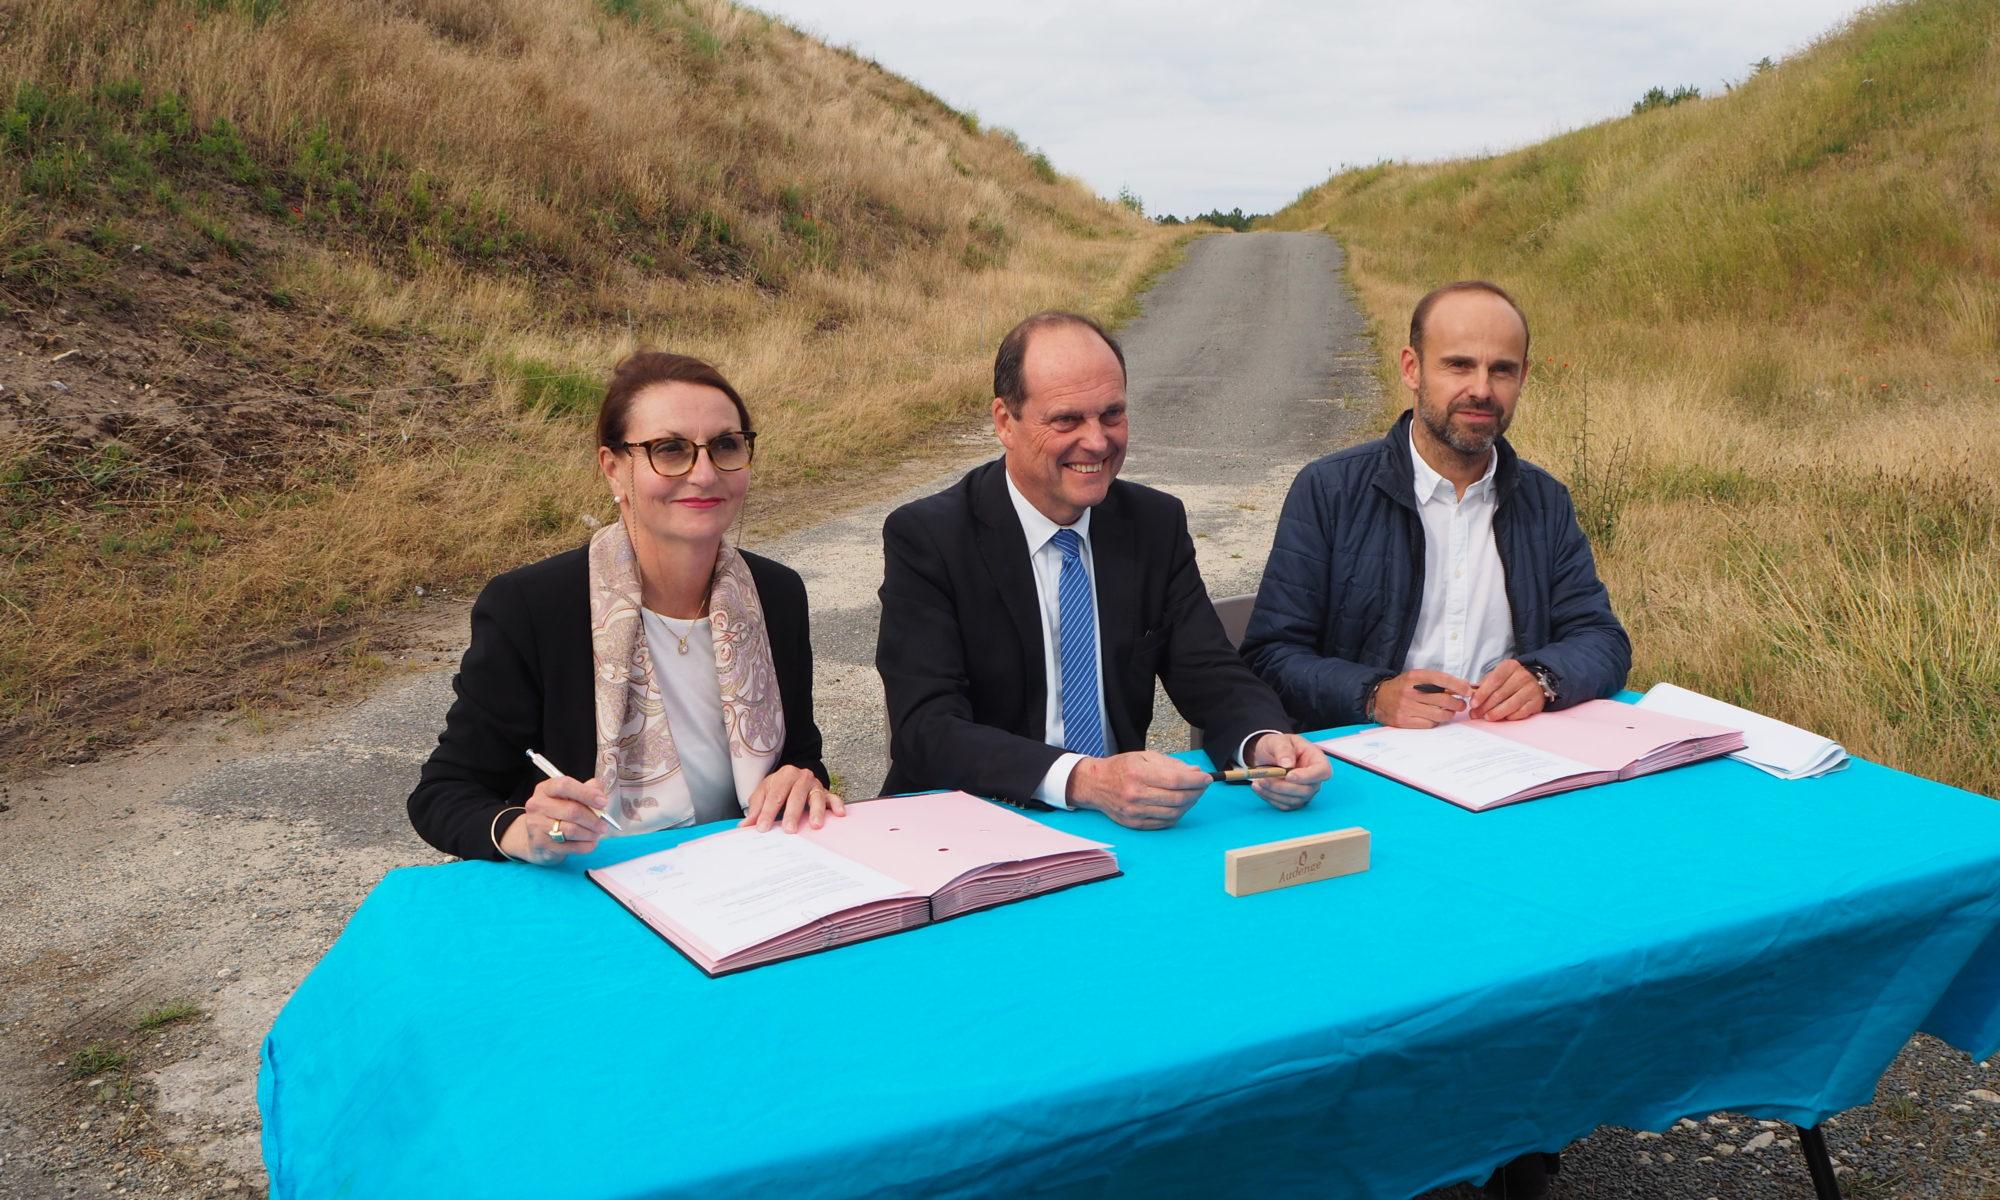 Projet de centrale photovoltaïque à Audenge : signature du bail emphytéotique